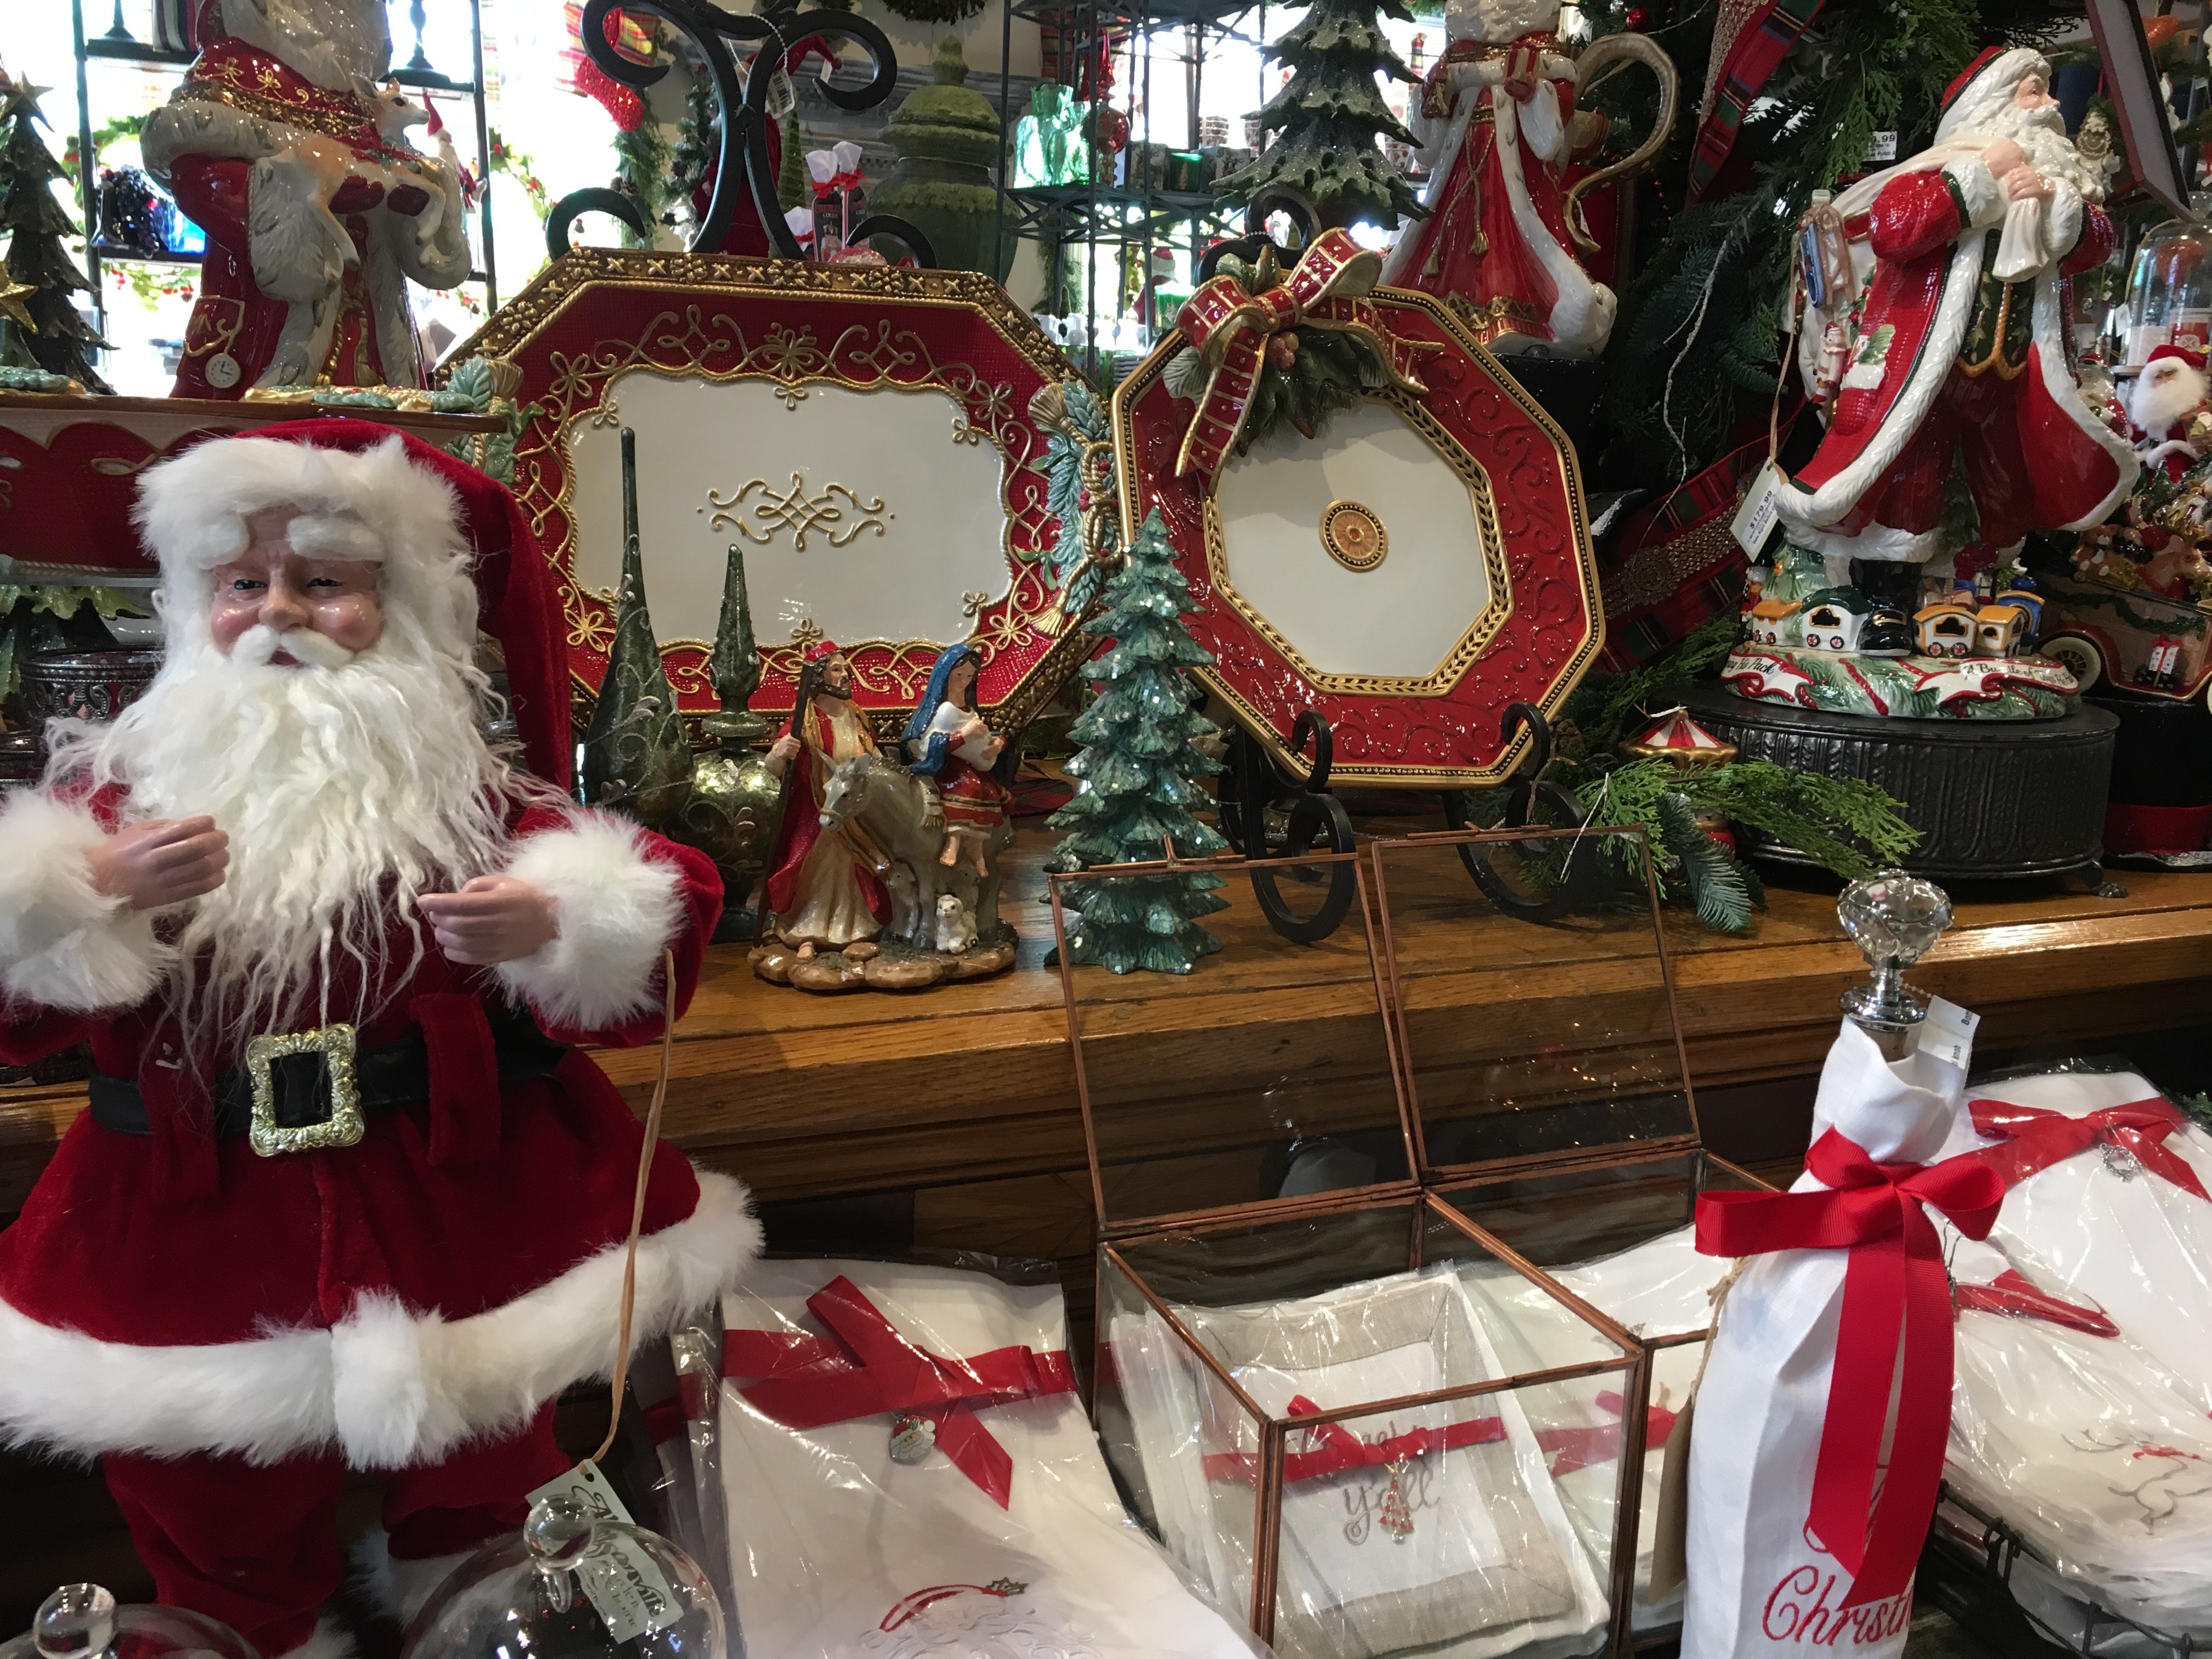 Christmas Plates and Santa